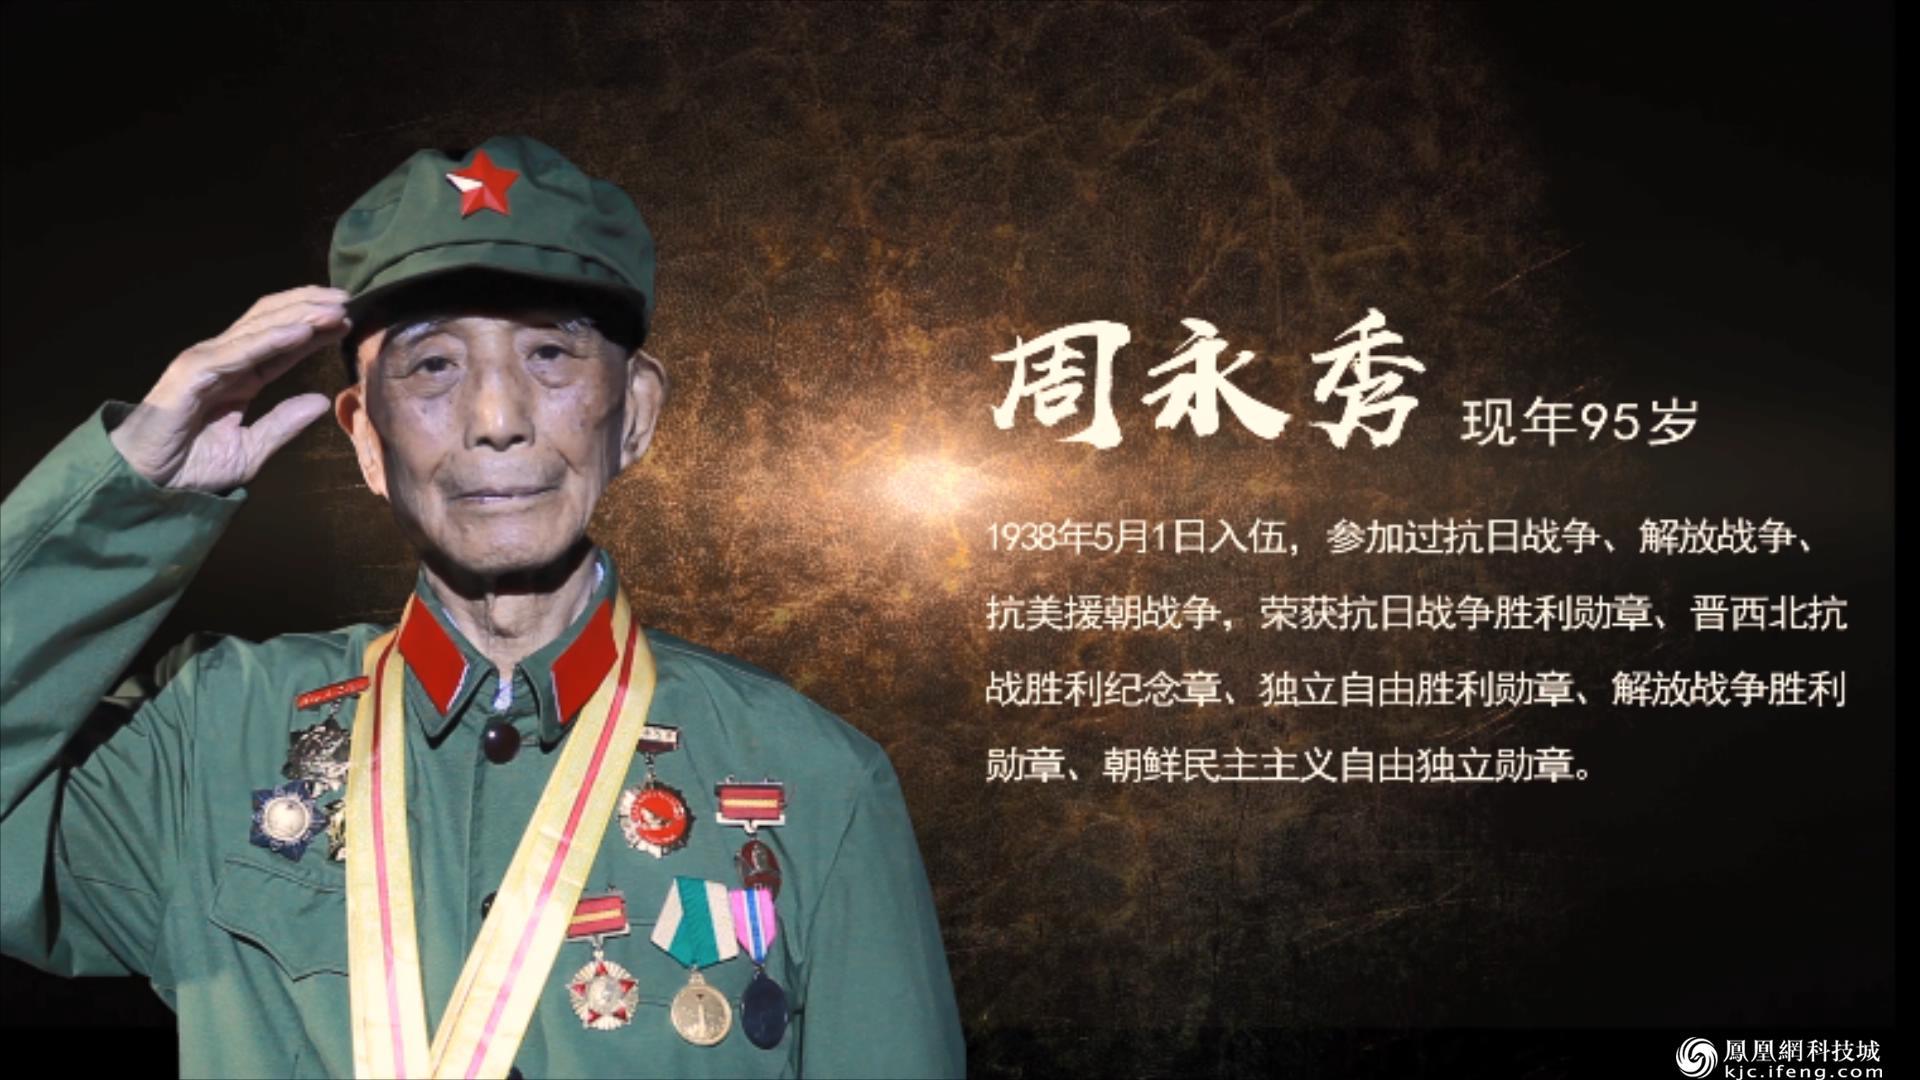 红色微党课系列纪录片《铭记》——第一期《烽火岁月》